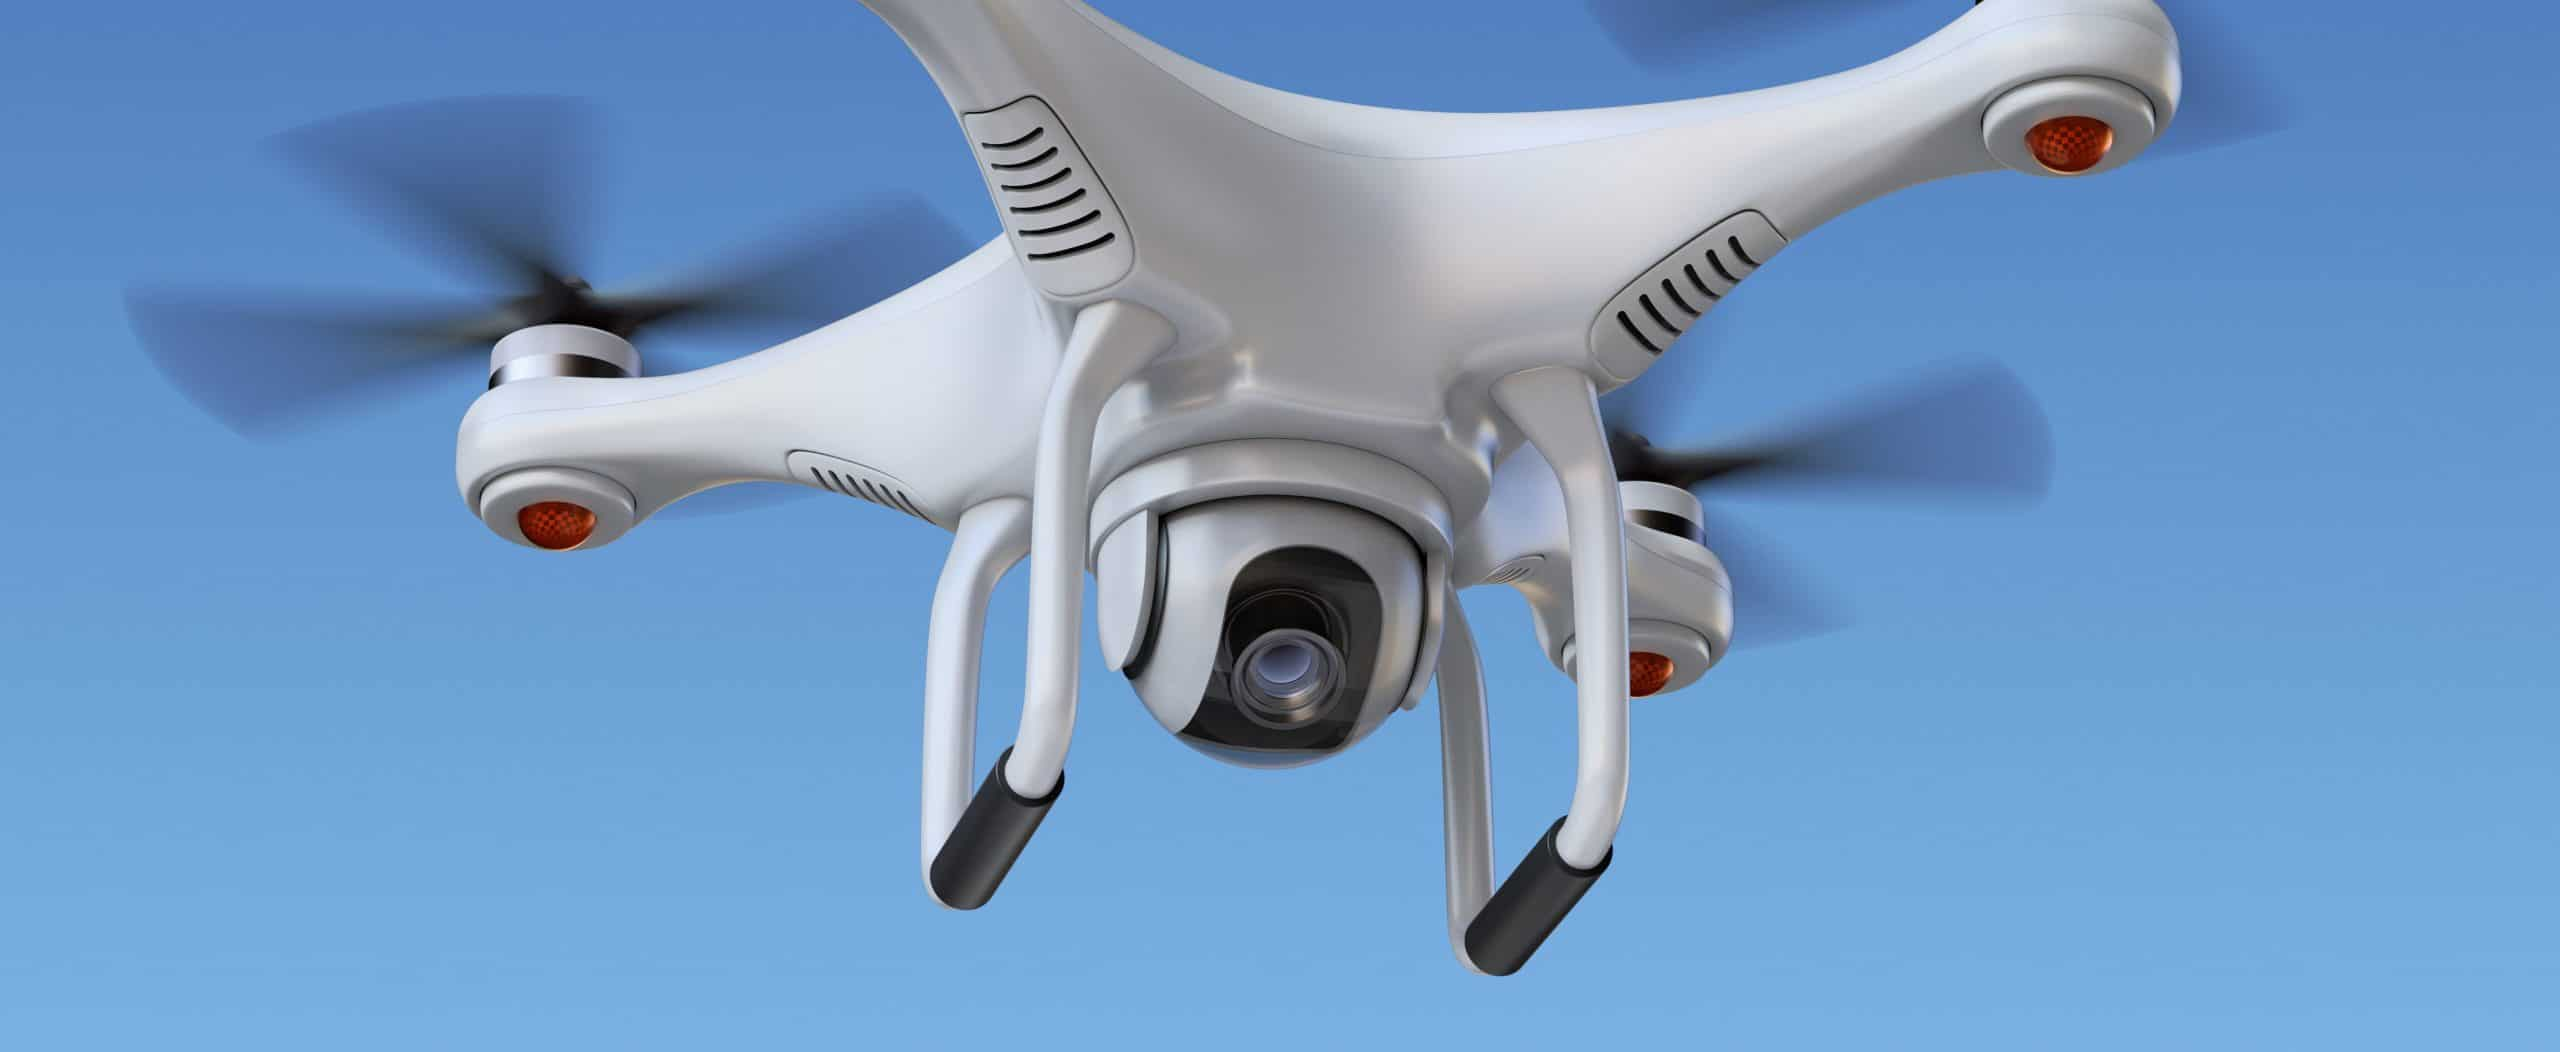 dron con cámara de calidad